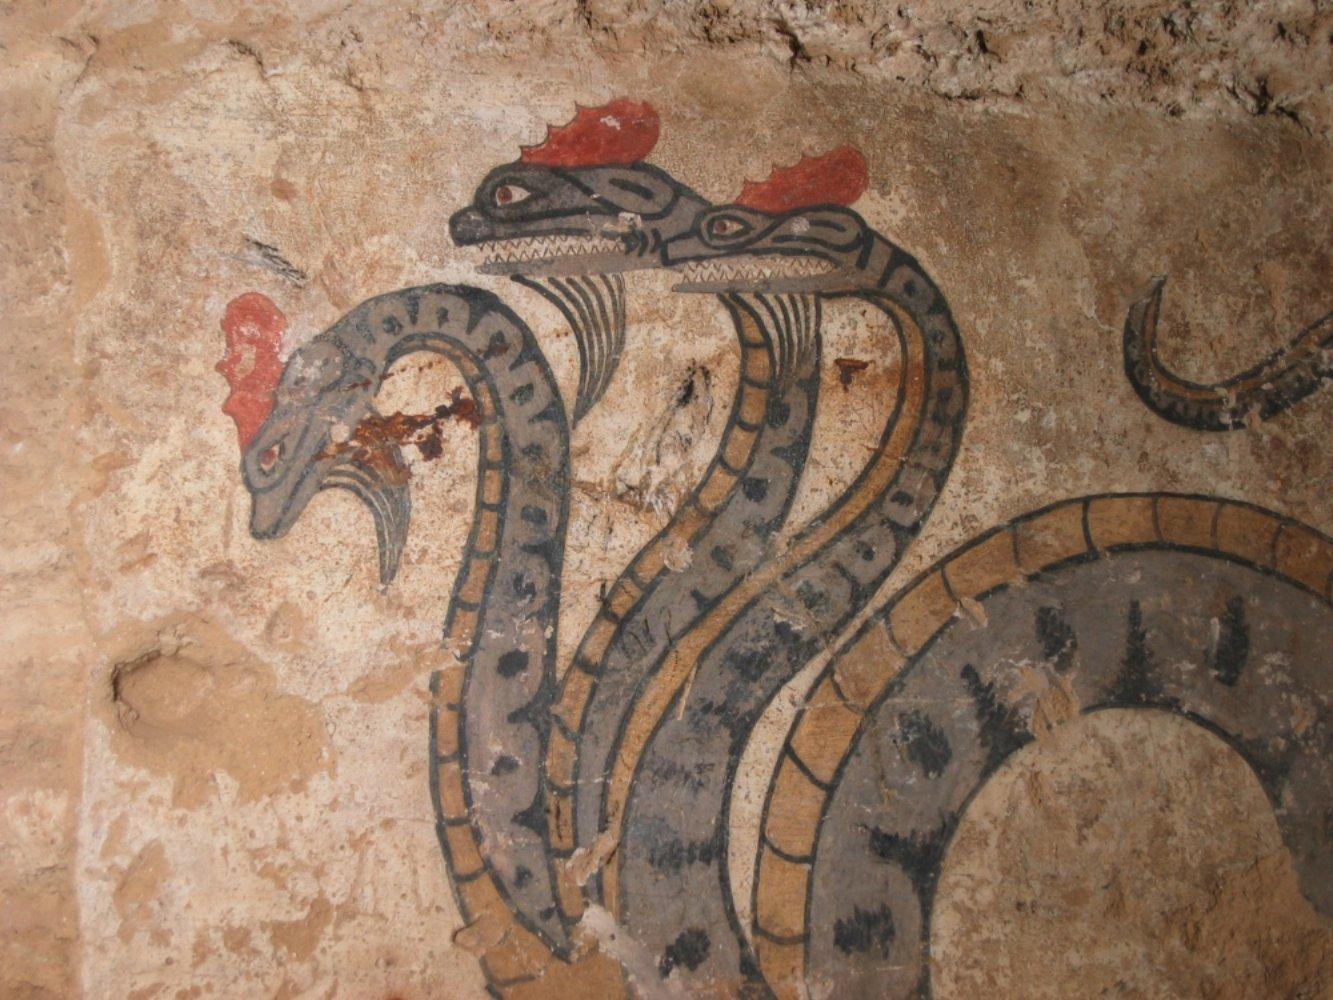 Mapa De La Toscana Y Sus Pueblos.Toscana Etrusca Viaje Para Descubrir Un Pueblo Misterioso